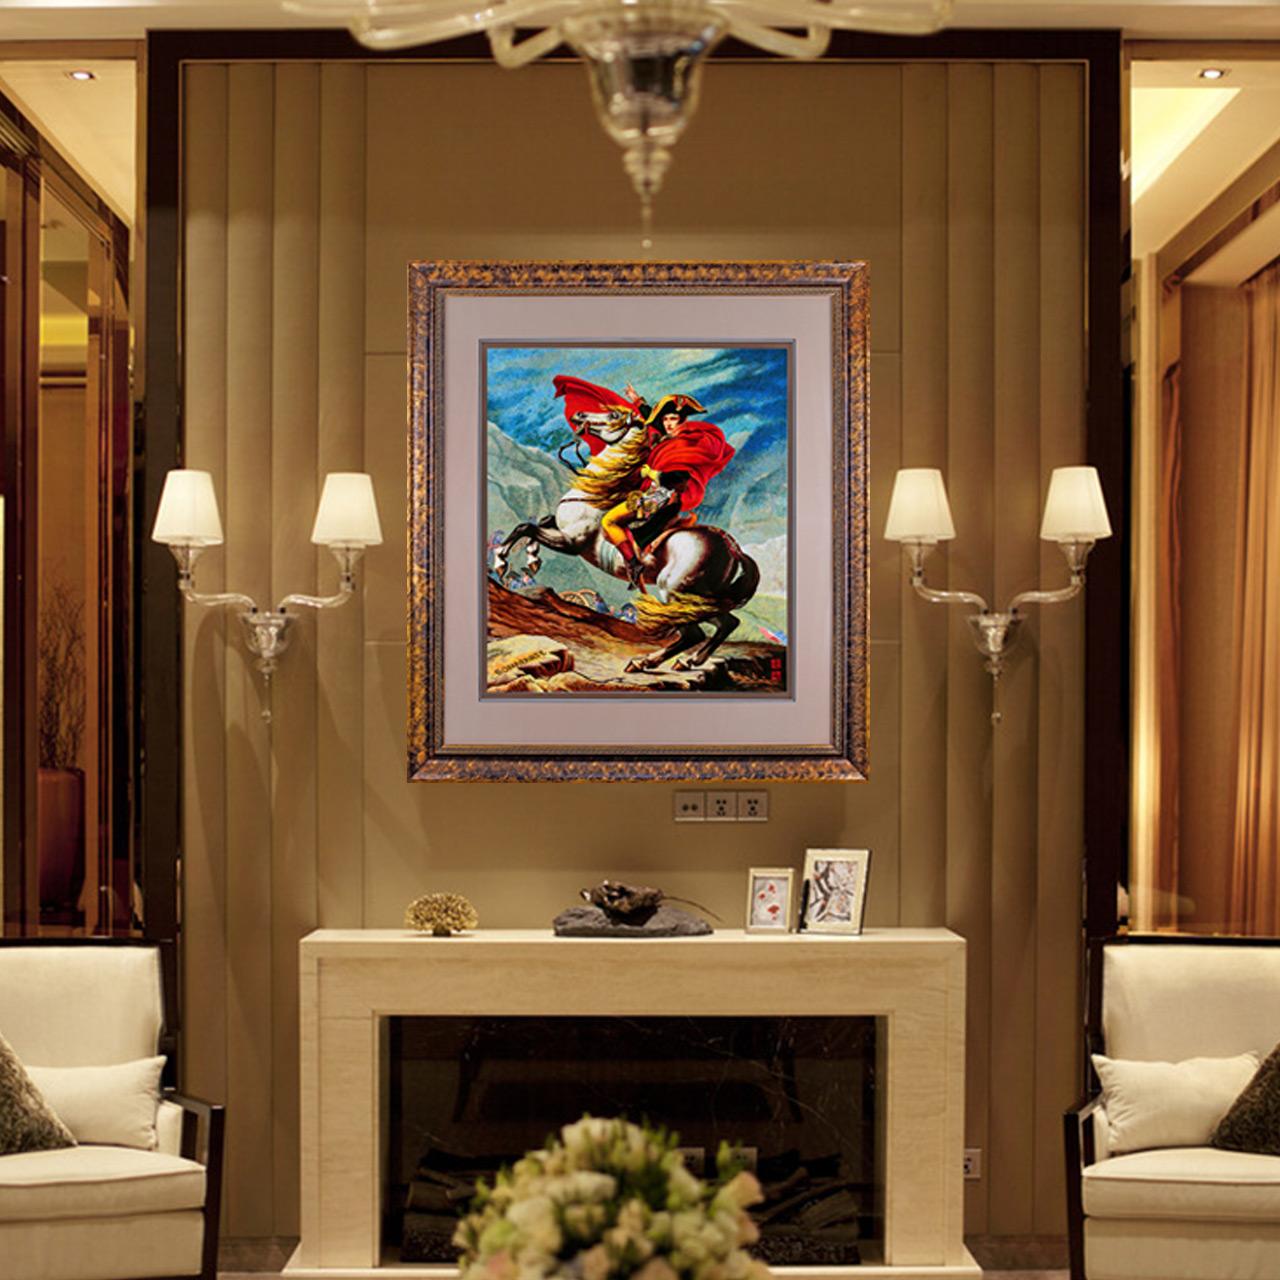 江南绣庄拿破仑苏绣成品挂画客厅纯手工绣花刺绣手工画苏州刺绣画